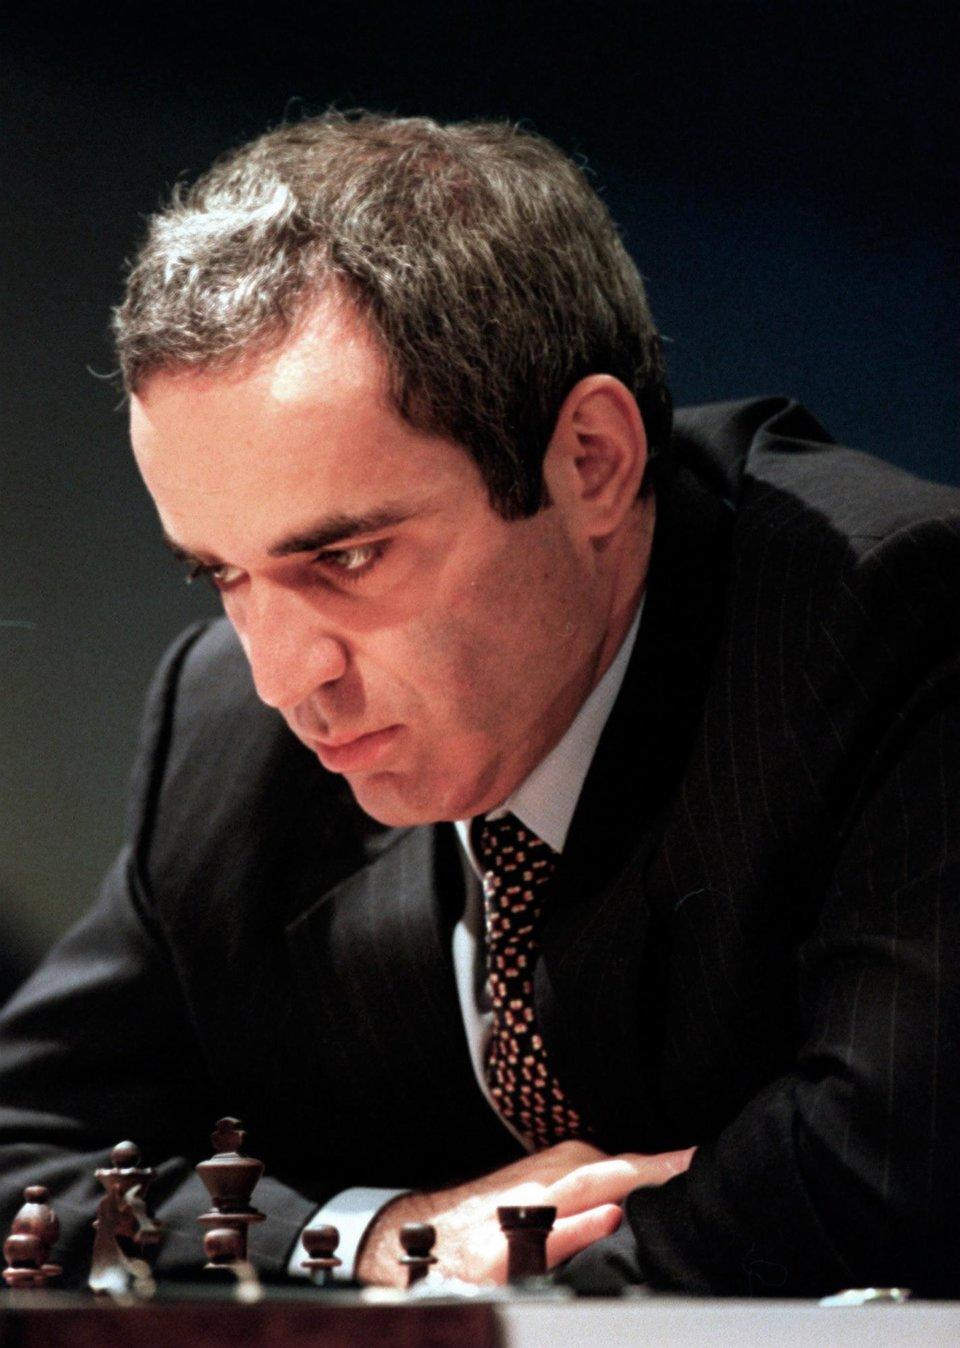 Сергей Смагин: «Каспарову конкурировать сейчас с молодым поколением фактически невозможно»